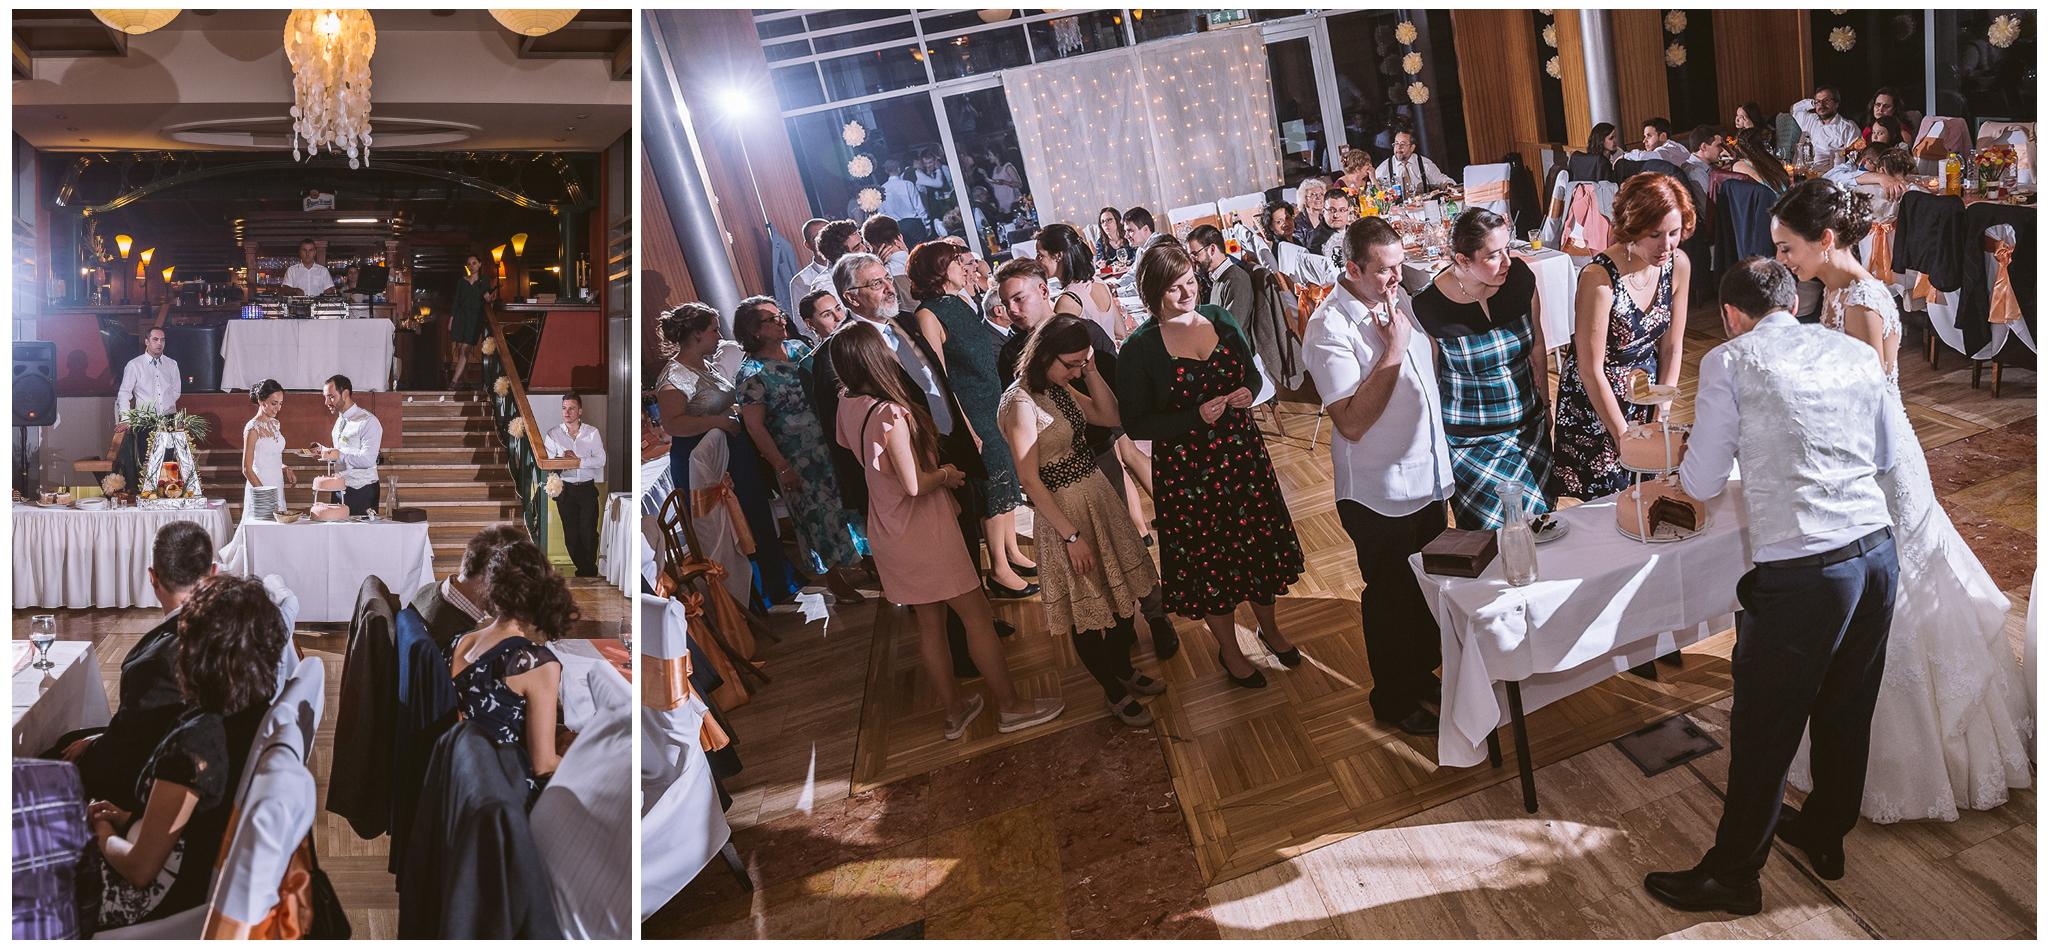 FylepPhoto, esküvőfotós, esküvői fotós Körmend, Szombathely, esküvőfotózás, magyarország, vas megye, prémium, jegyesfotózás, Fülöp Péter, körmend, kreatív, fotográfus_048.jpg